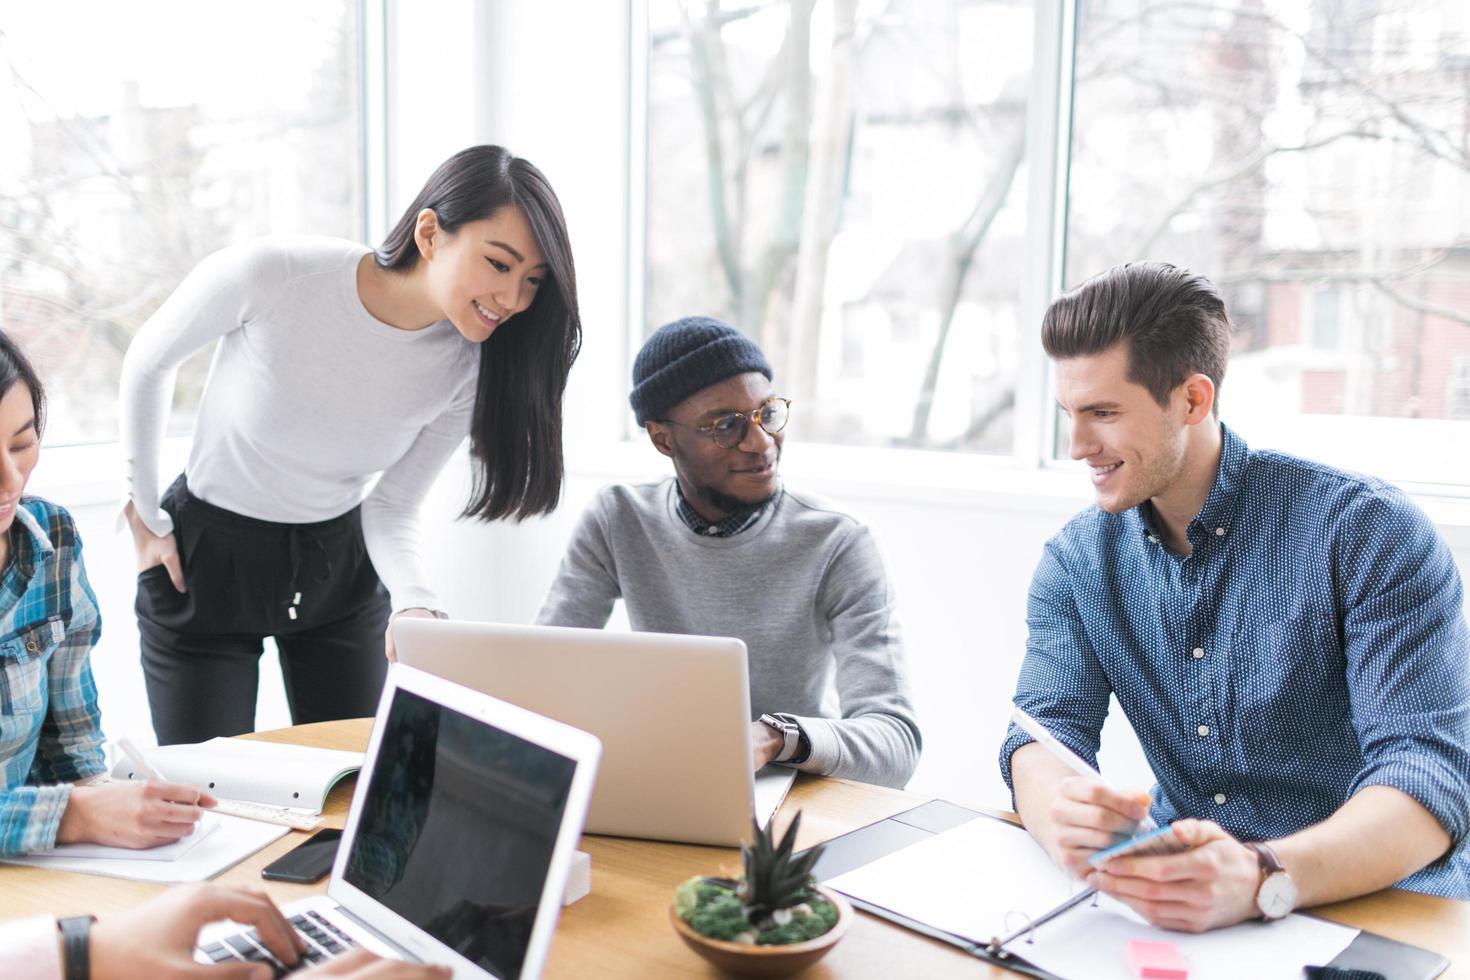 jeunes professionnels travaillant sur des ordinateurs portables dans un bureau photo